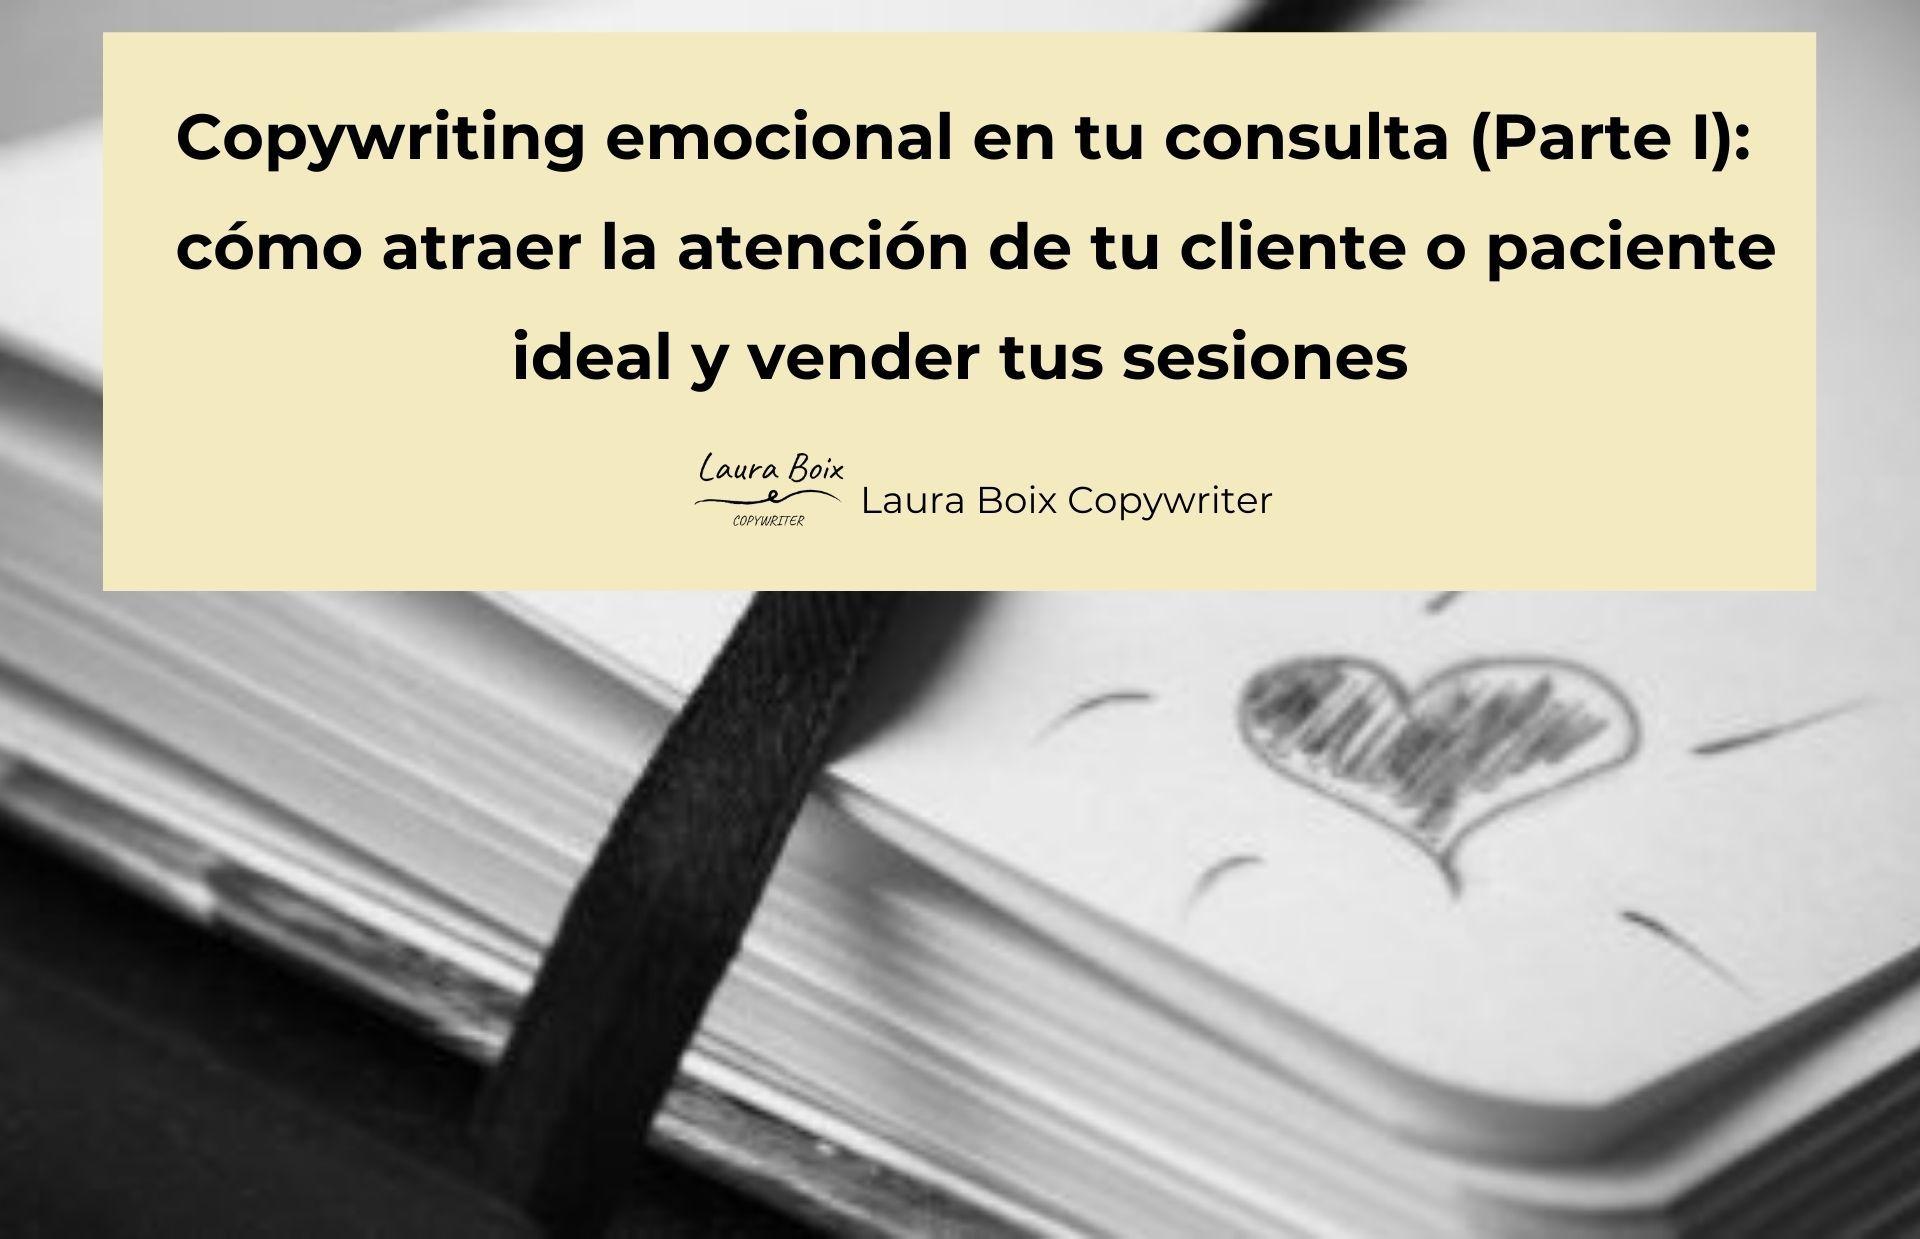 copywriting-emocional-atraer-la-atencion-de-tu-cliente-paciente-ideal-y-vender-tus-sesiones